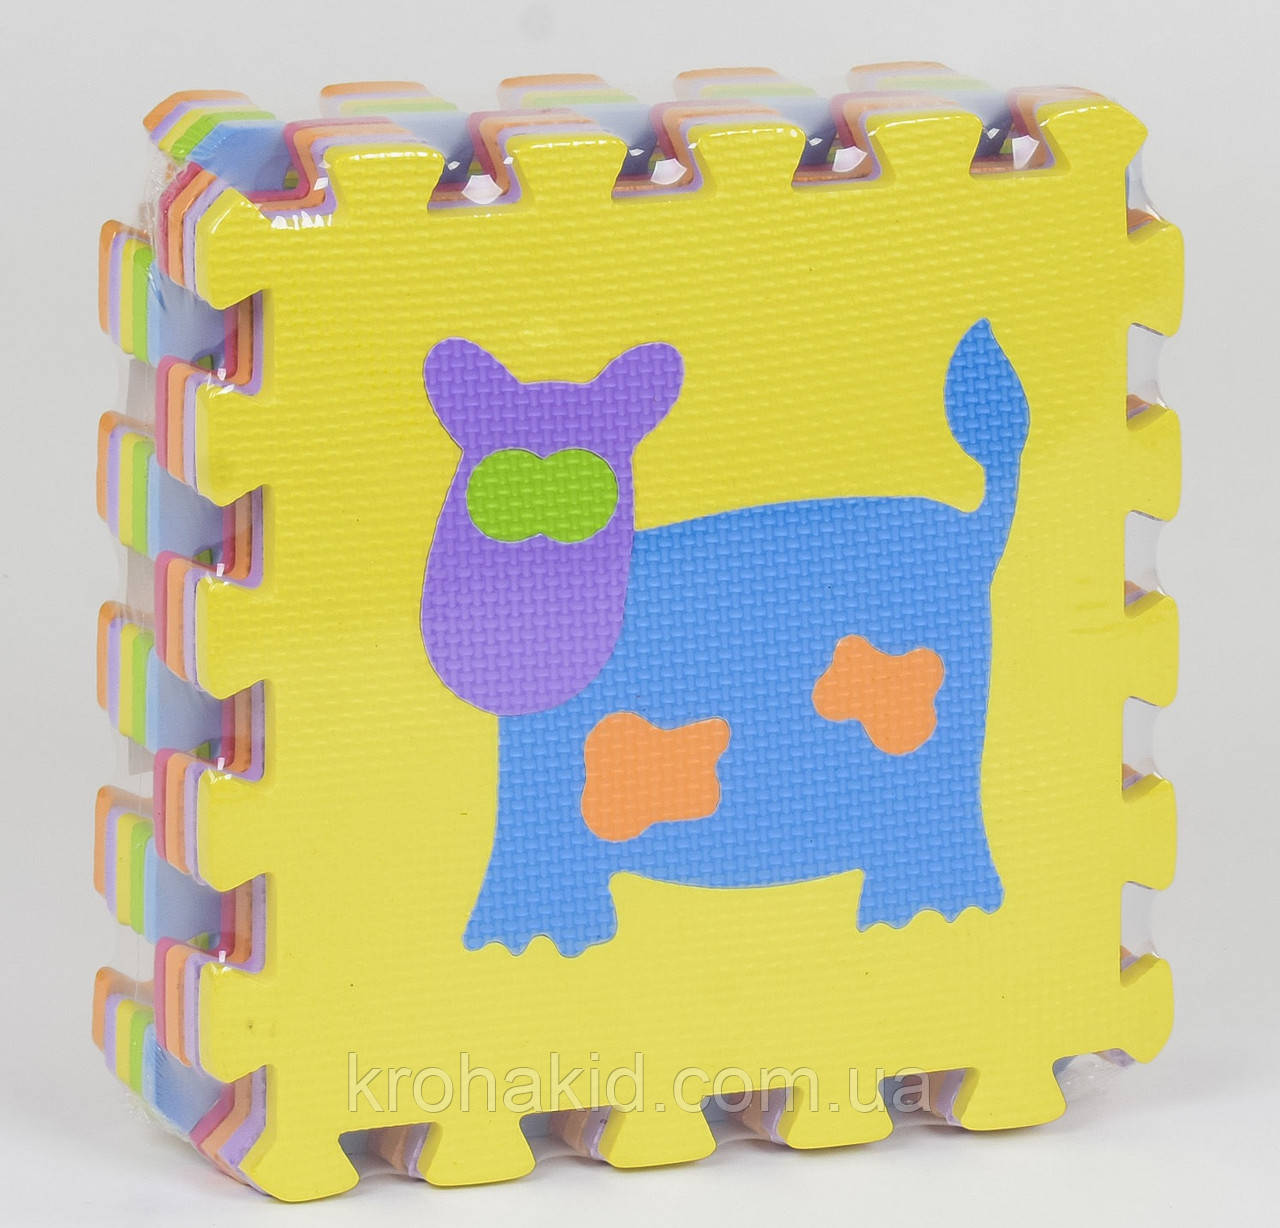 Дитячий EVA килимок-пазл для ігор на підлозі щільний з малюнком Тварини НКС006 (30*30 см, в упаковці 9 плит)